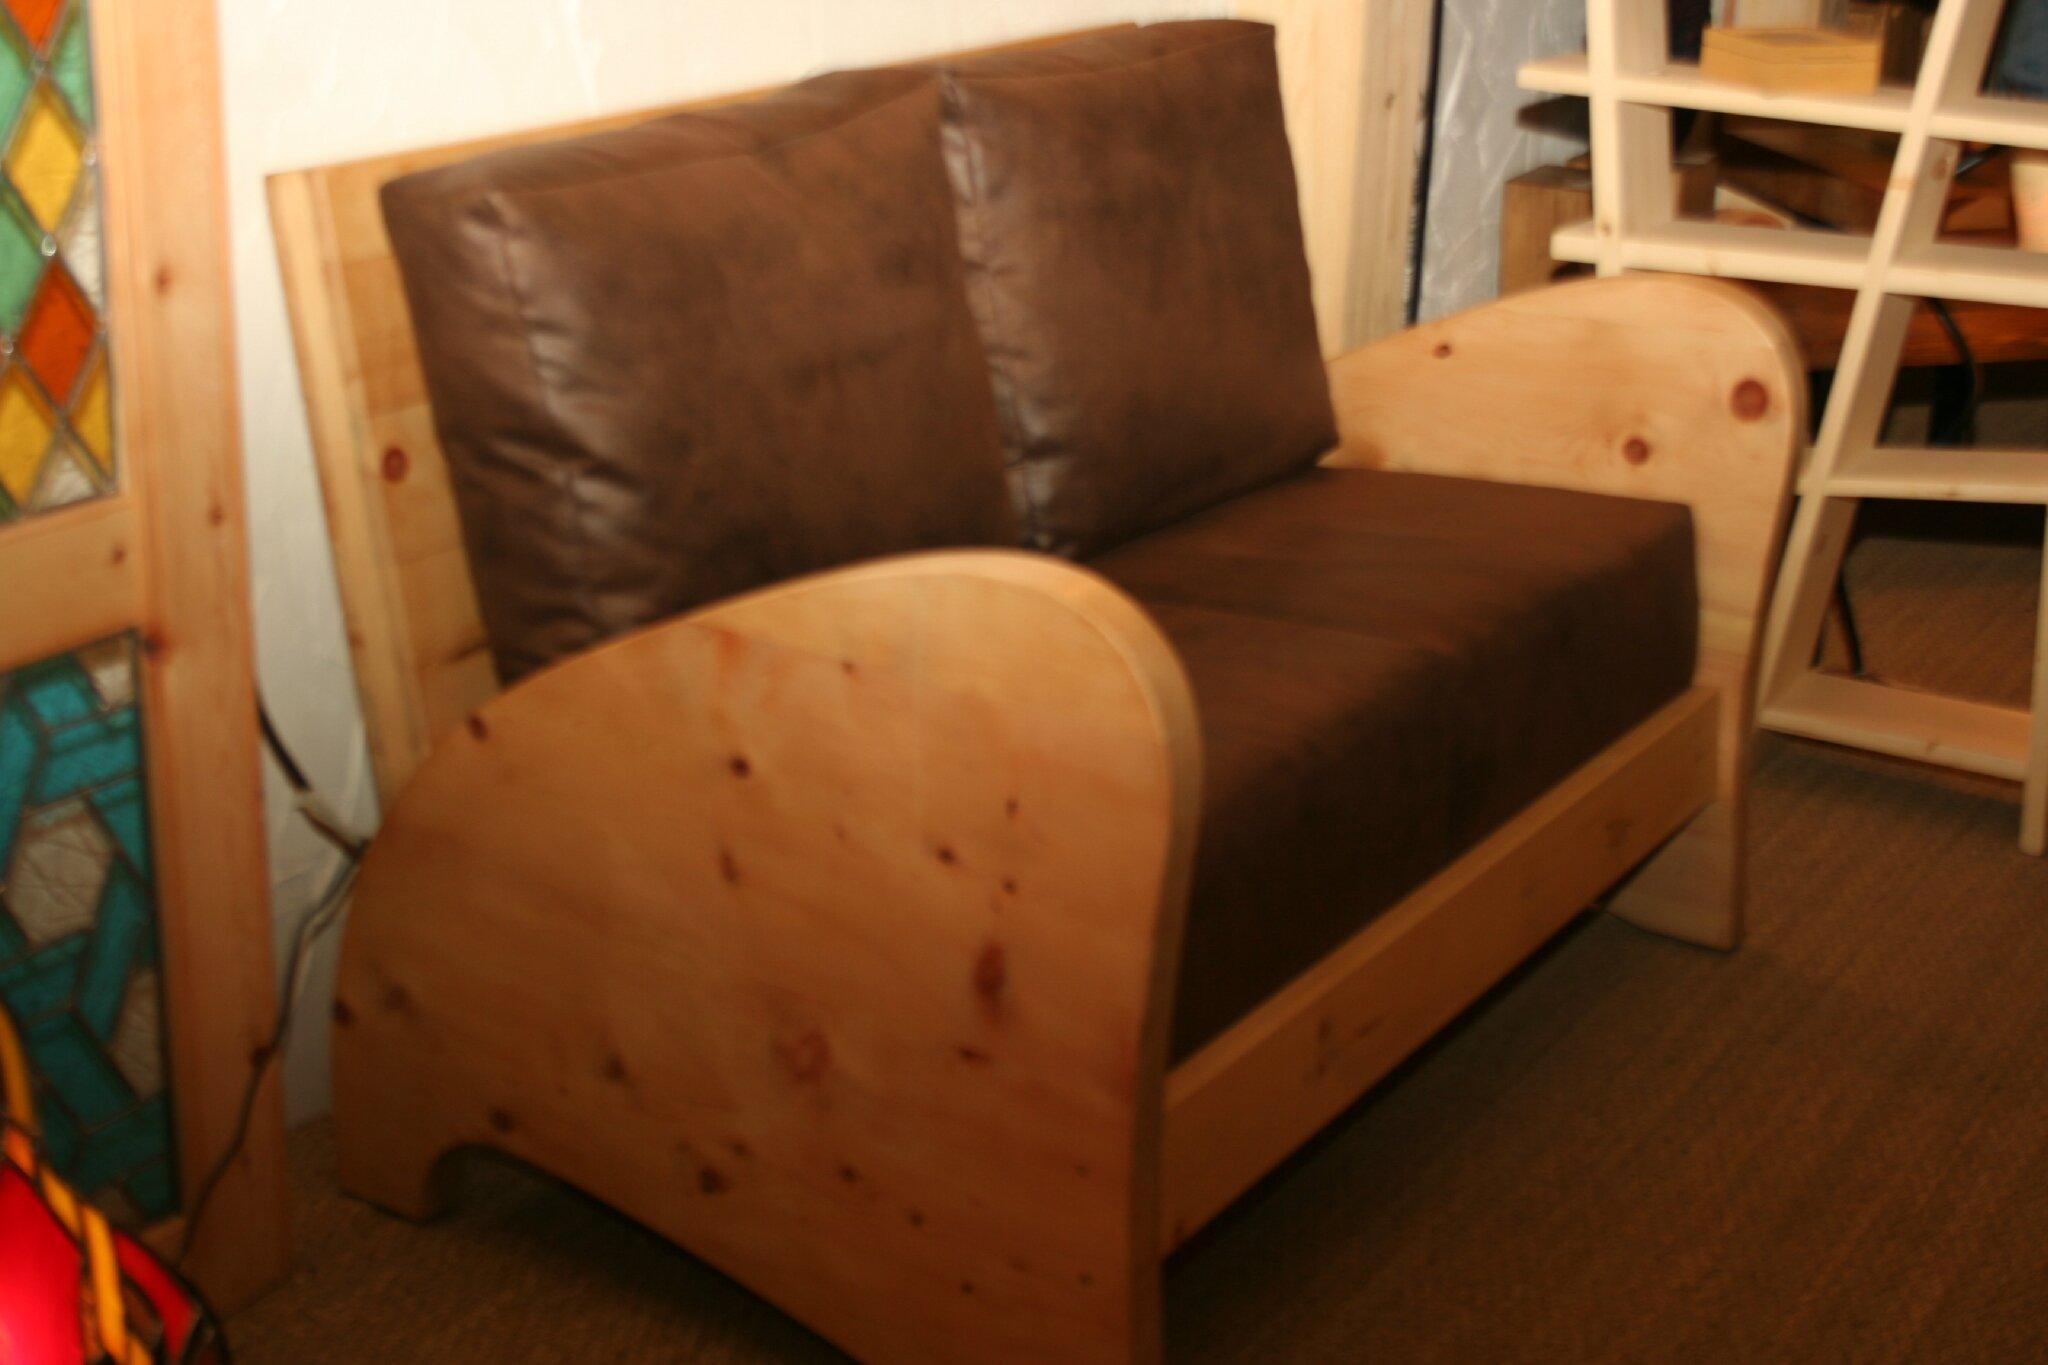 habillage d'un canapé en bois